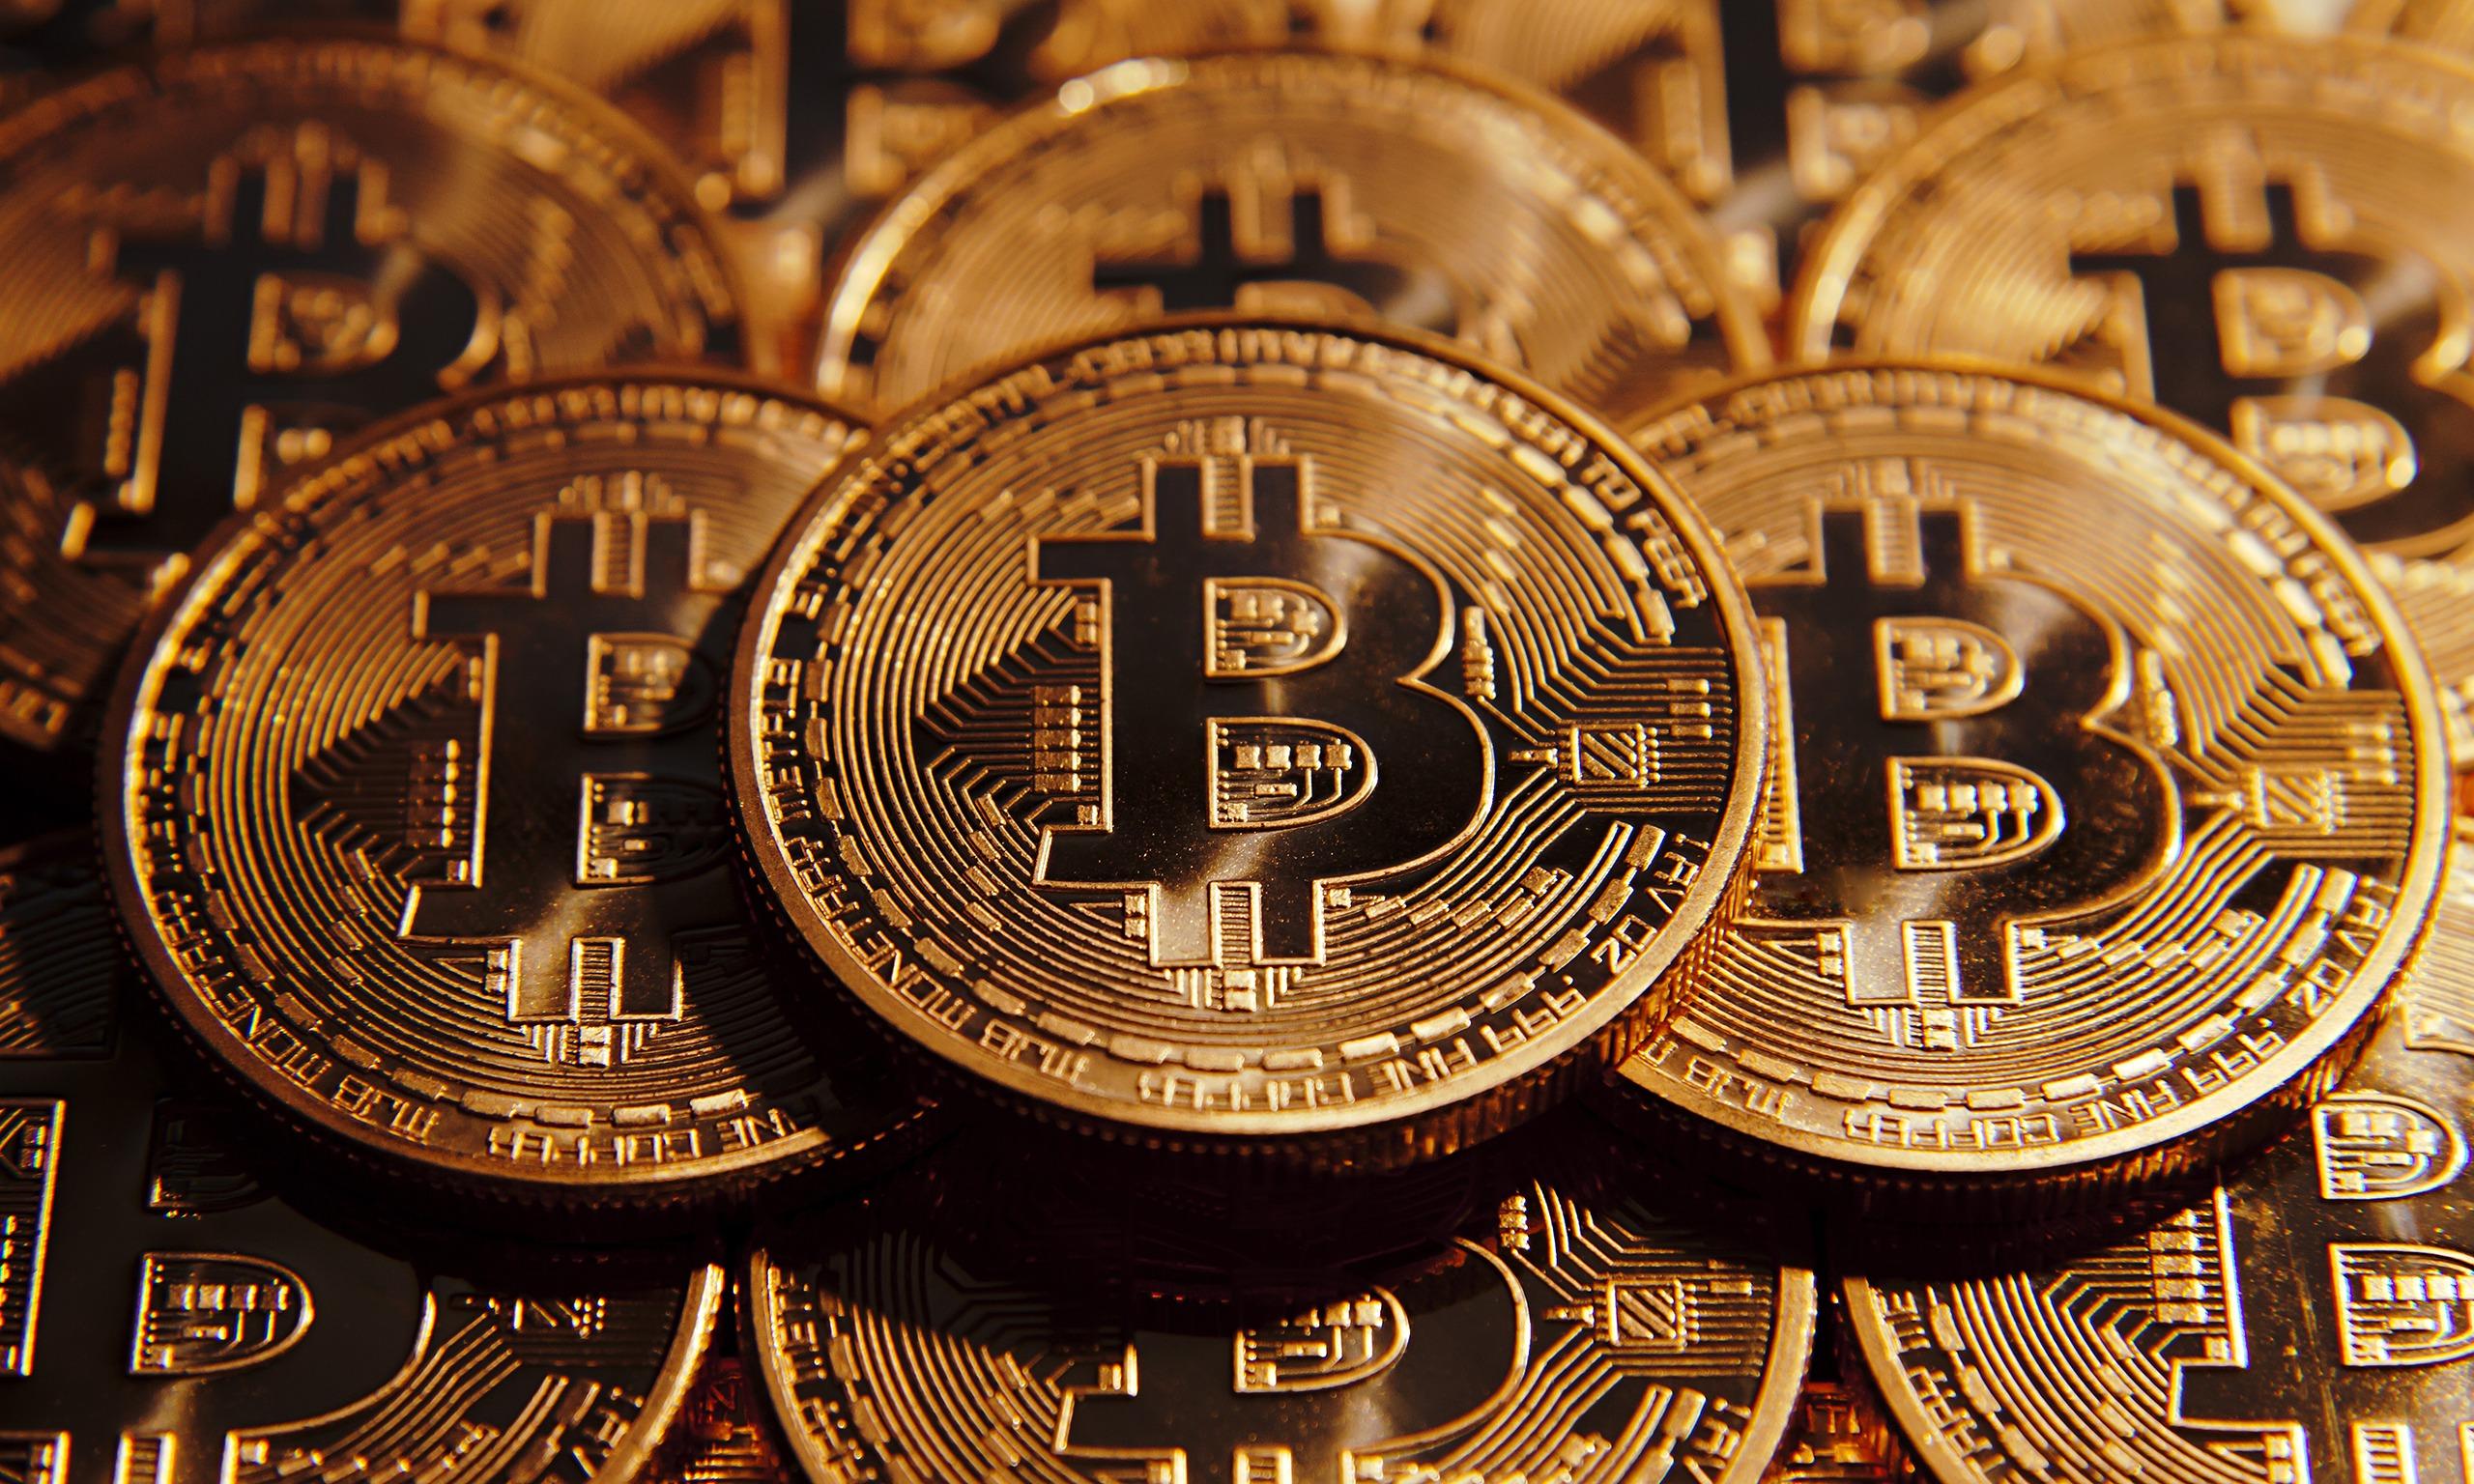 Bitcoin secara asal boleh digunakan asal bersih dari unsur penipuan. Hanya saja pemerintah di negara kita melalui Bank Indonesia melarang penggunaa ....